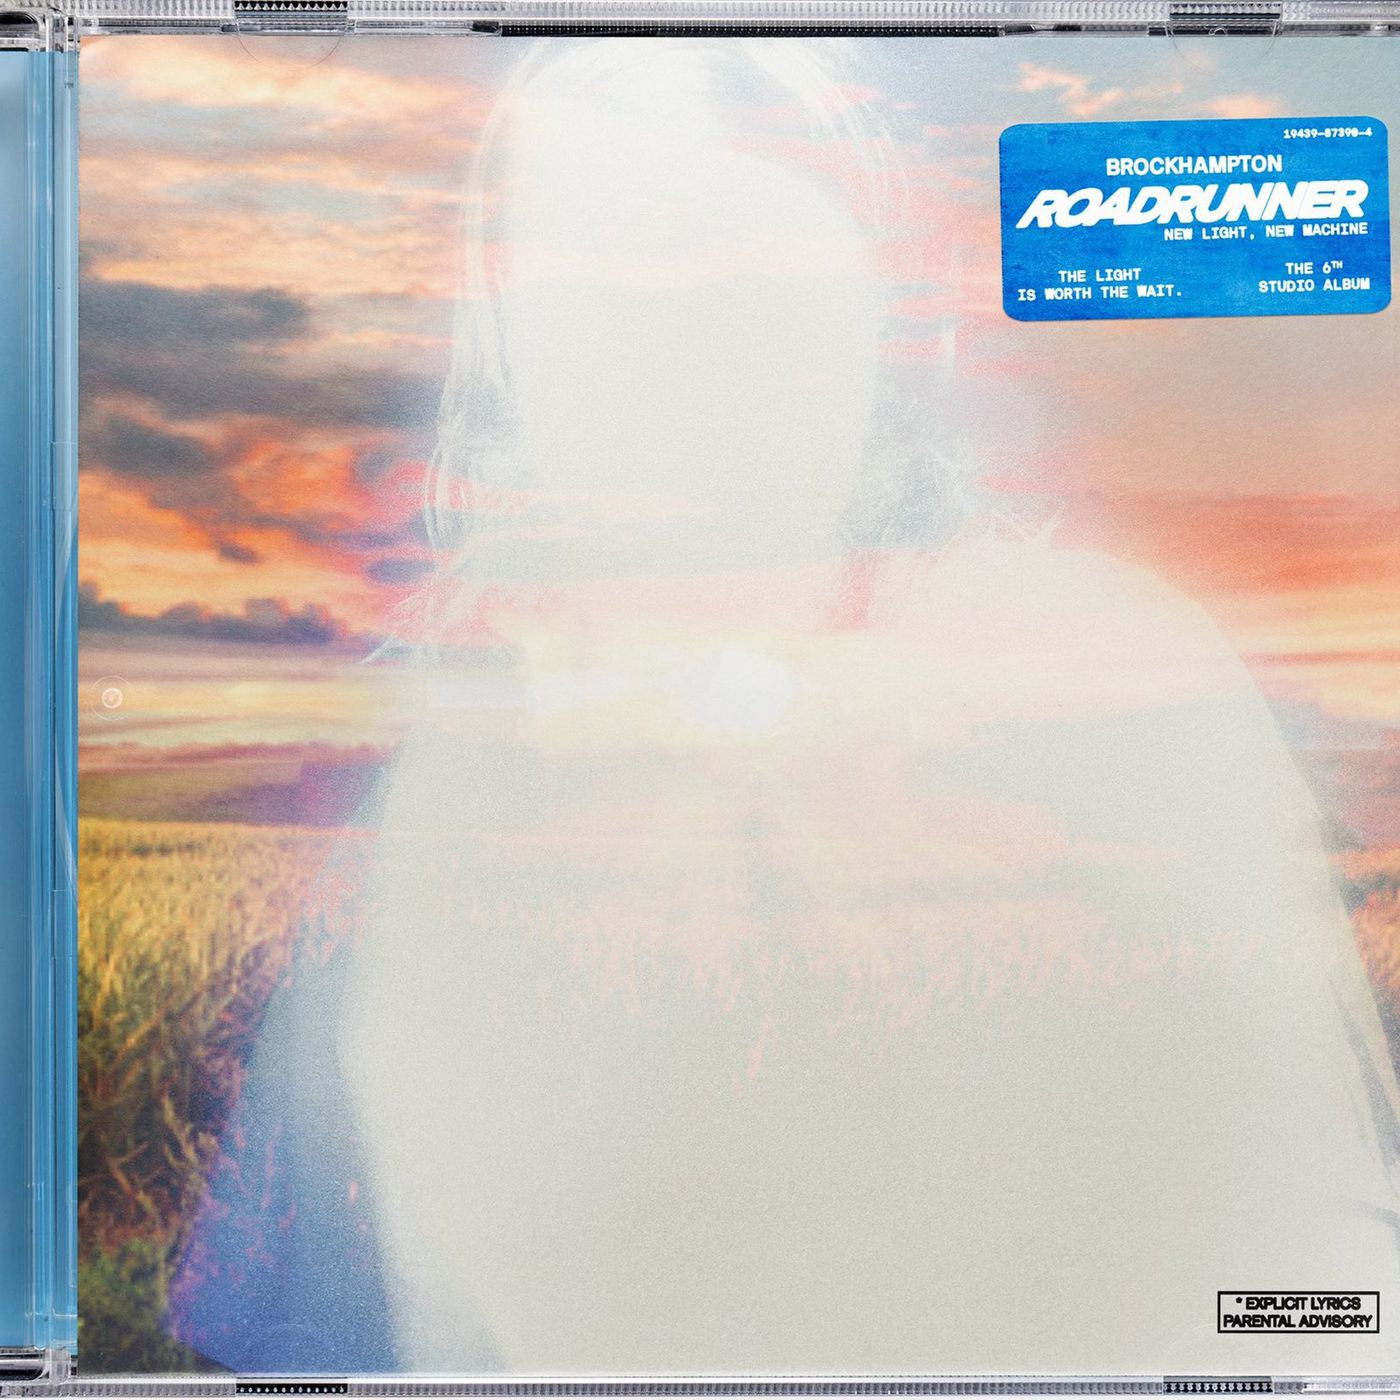 BROCKHAMPTON 2021 NEW ALBUM ROADRUNNER: NEW LIGHT, NEW MACHINE cover art